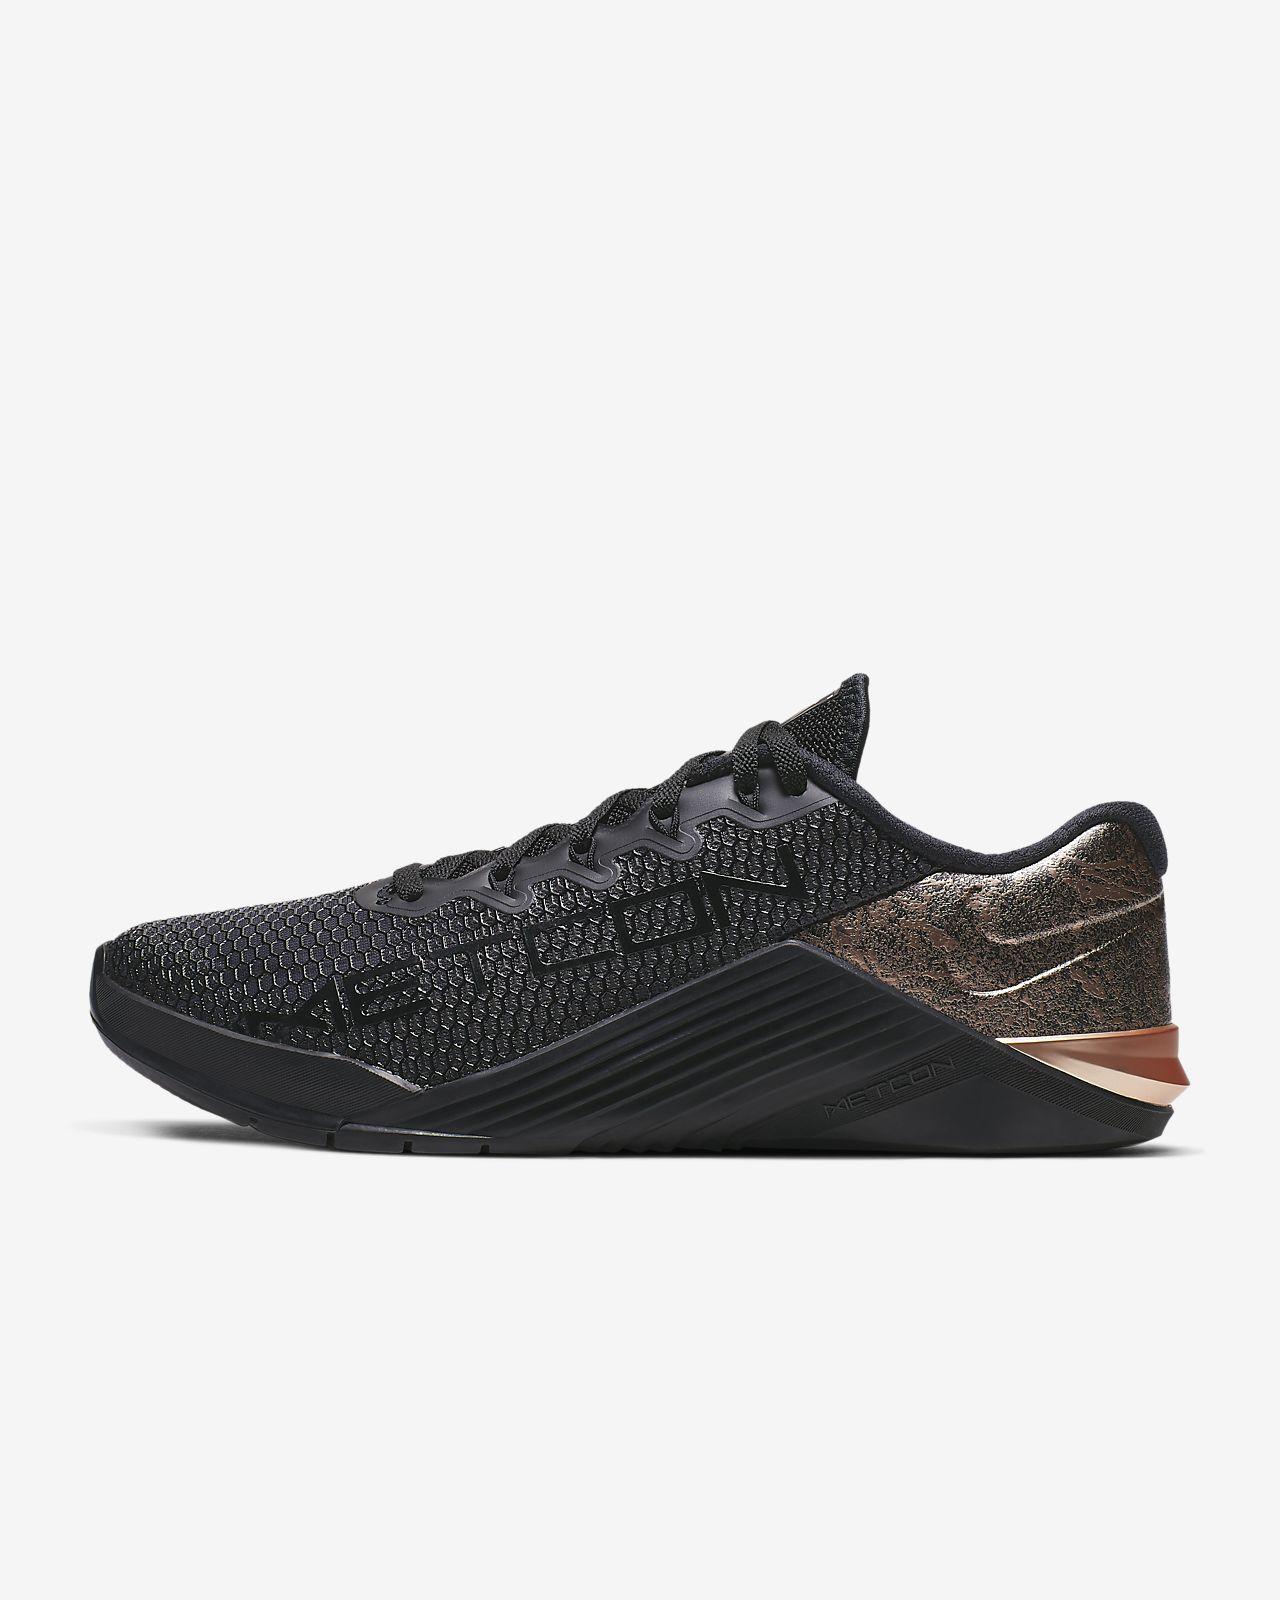 Träningssko Nike Metcon 5 Black x Rose Gold för kvinnor